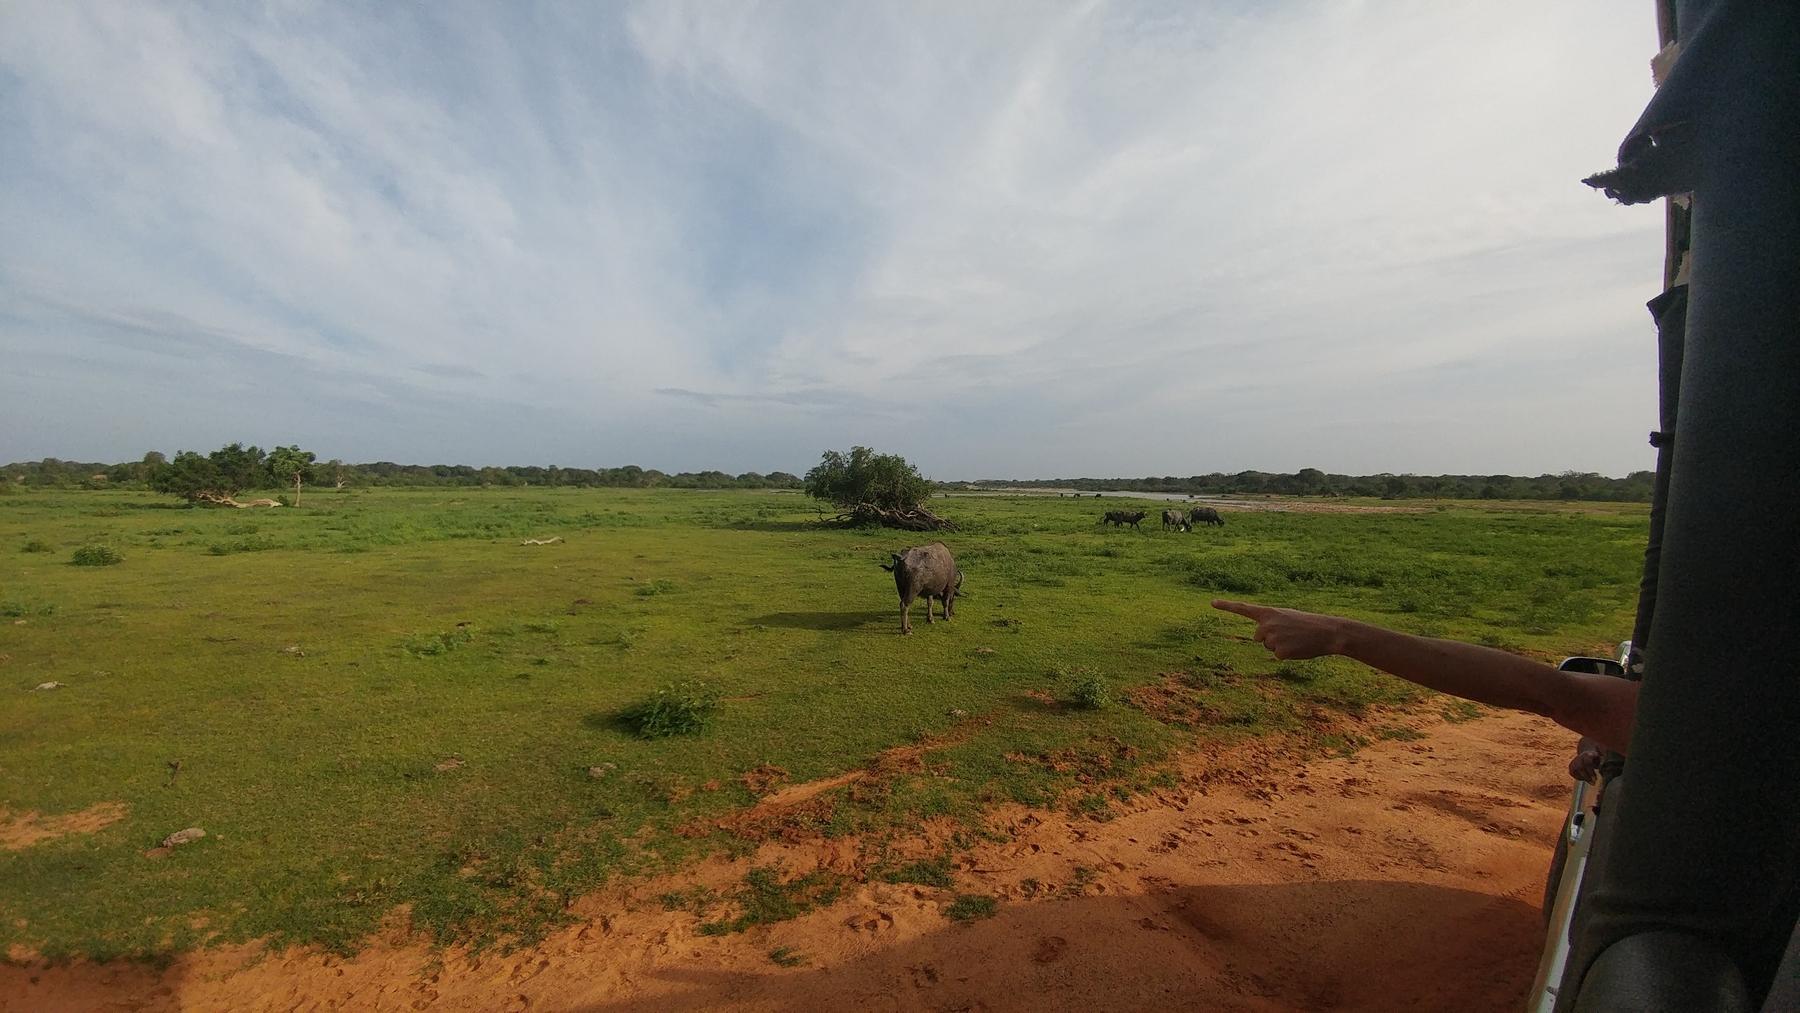 buffalo and a grass field in Sri Lanka